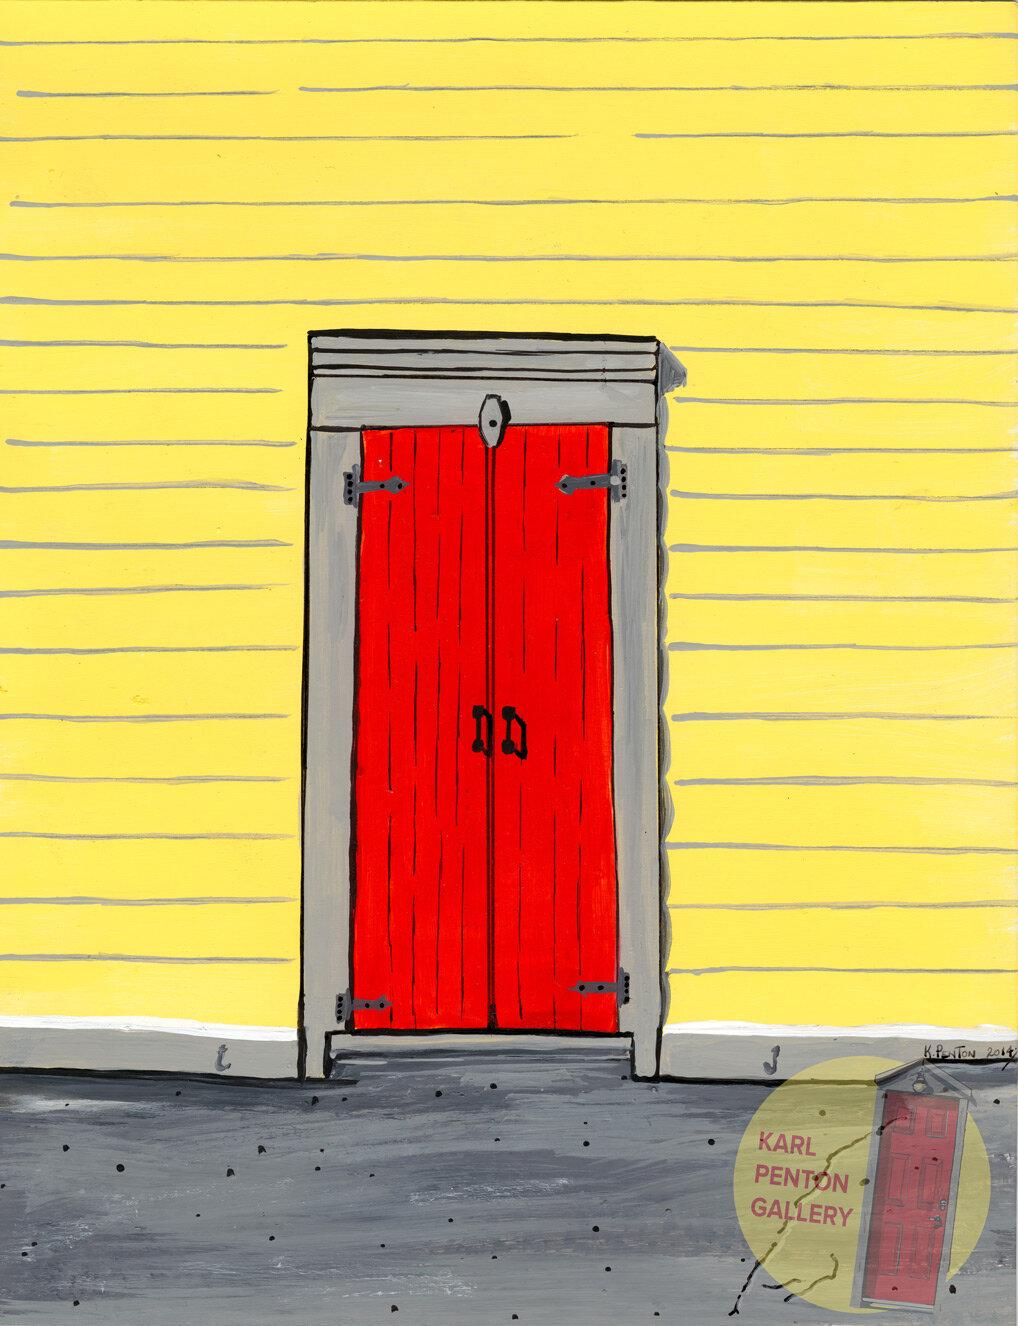 Red Doors by Karl Penton